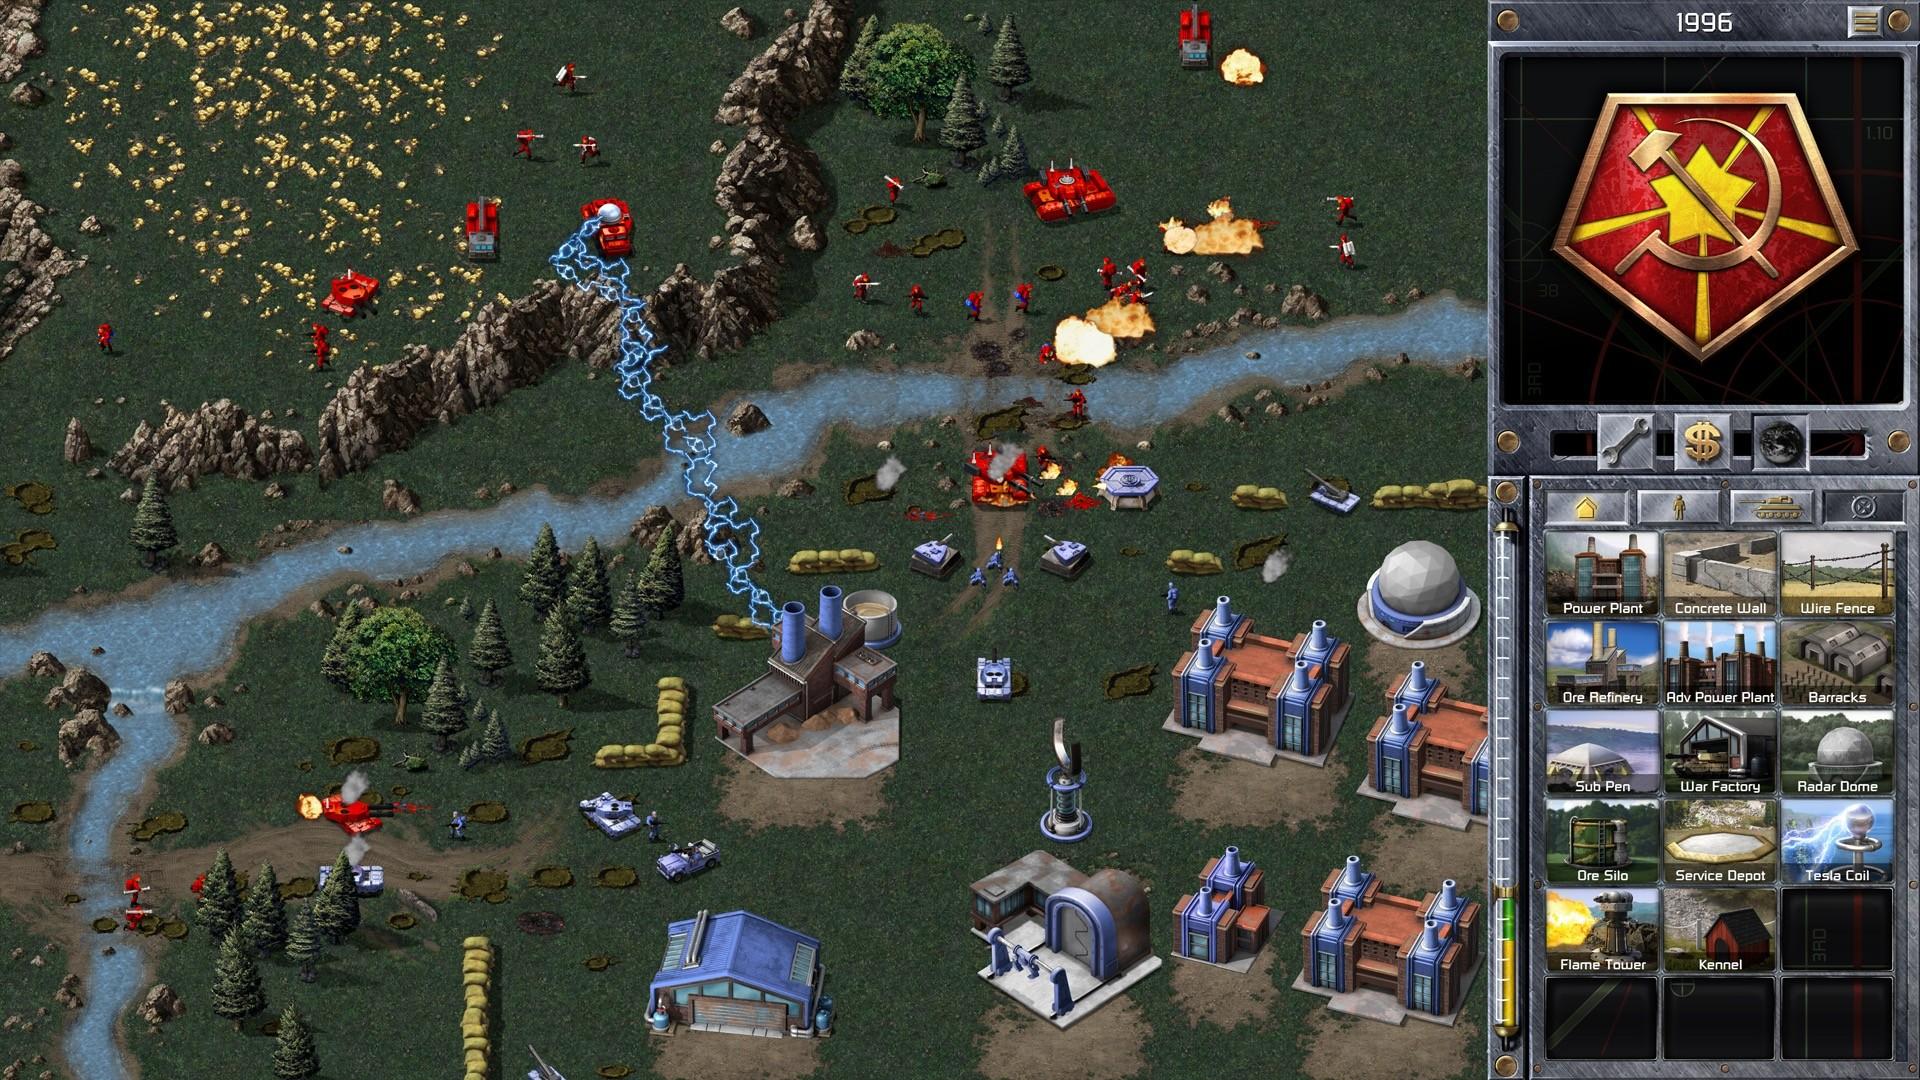 Red Alert ฟื้นคืนชีพ ศึกเกมวางแผนรบ (2)